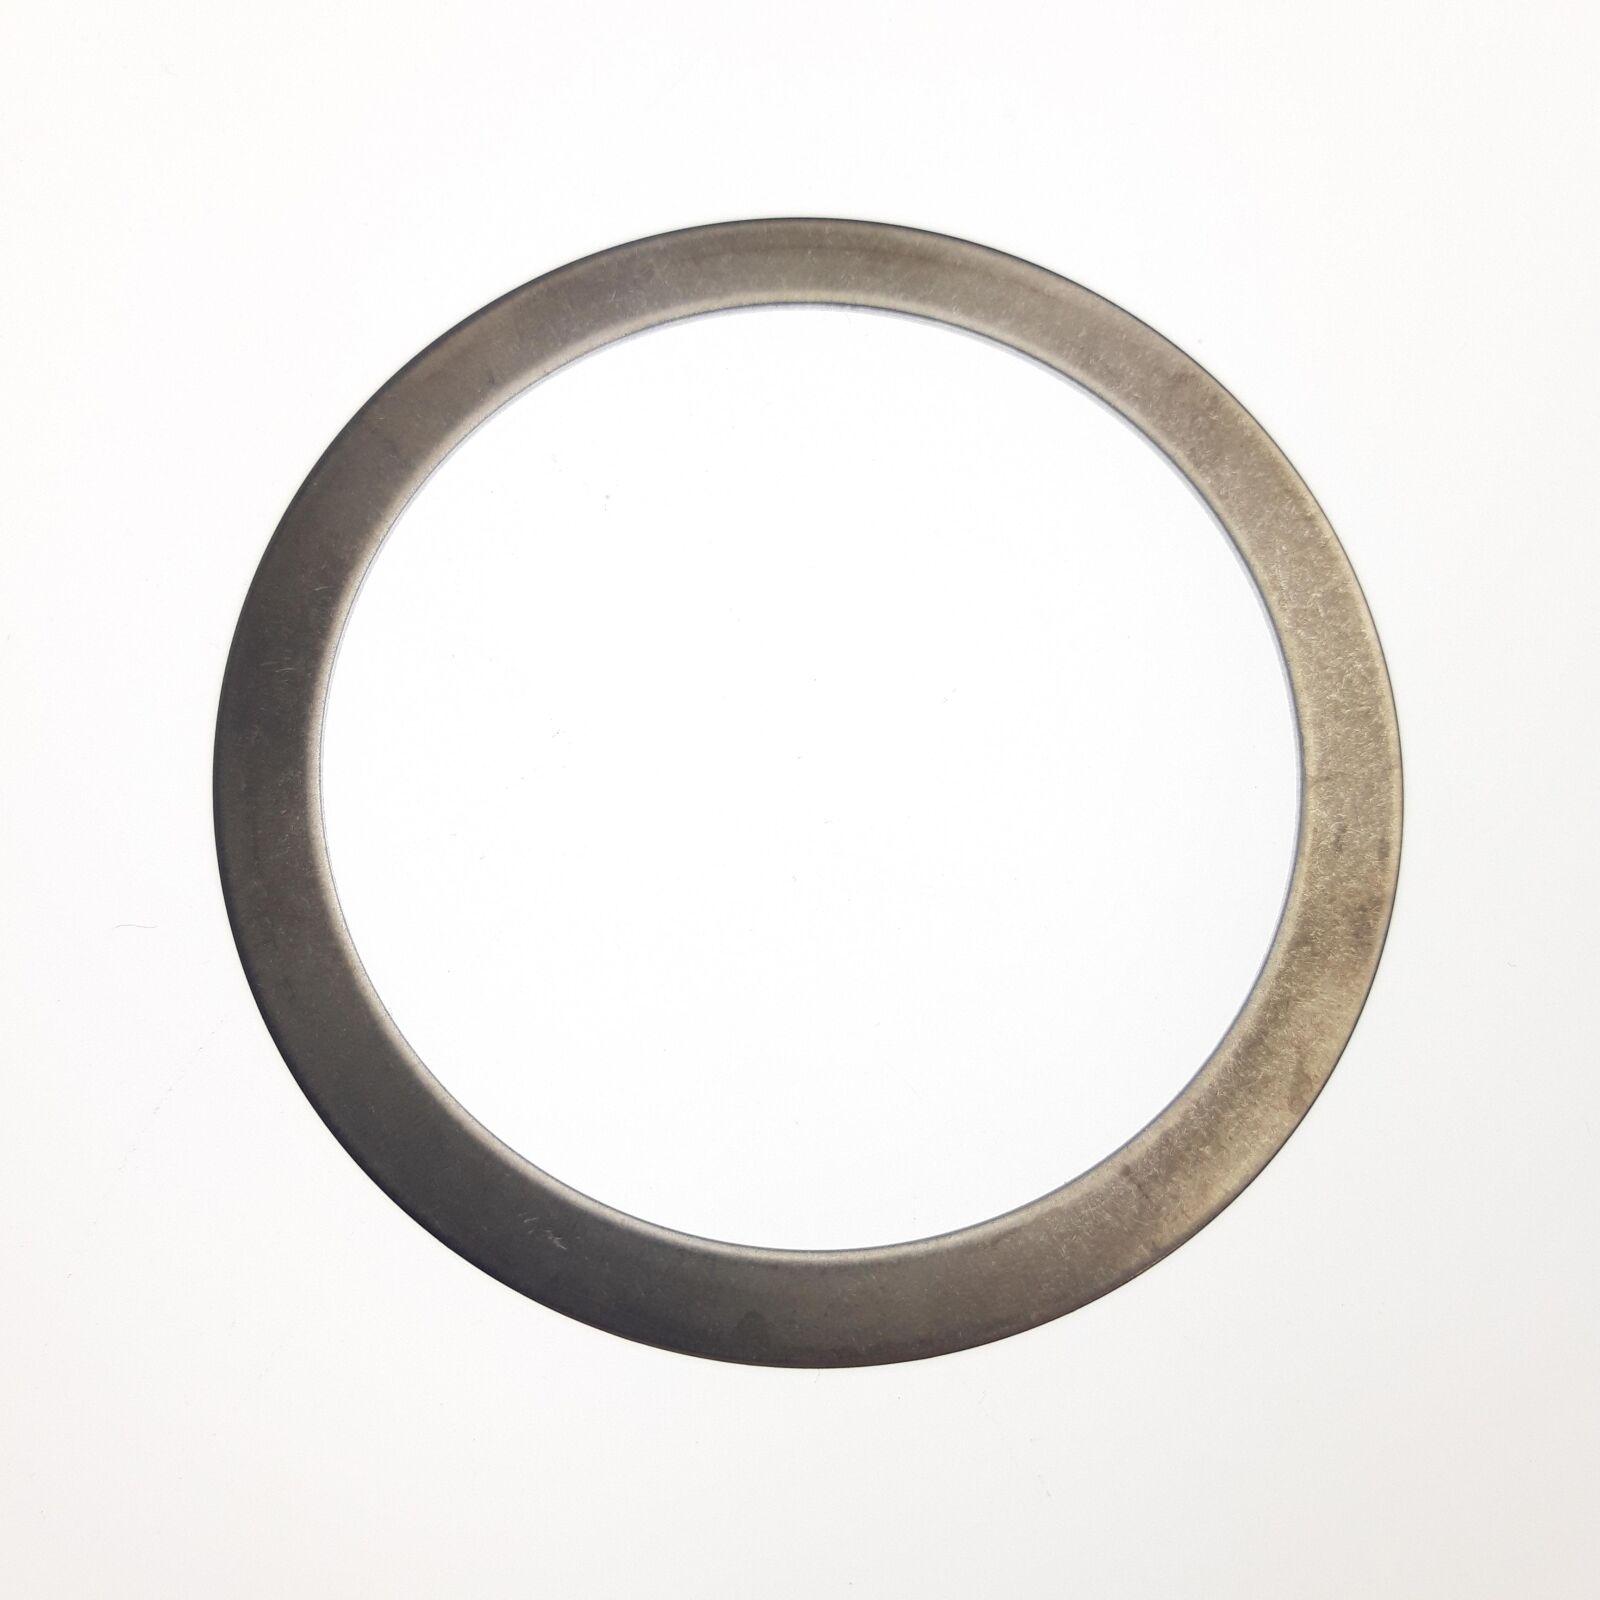 Fastener, Standard: Washer,Thrust (2.510 ID X 3.050 OD X 0.040 TH) Steel, Preload Ring